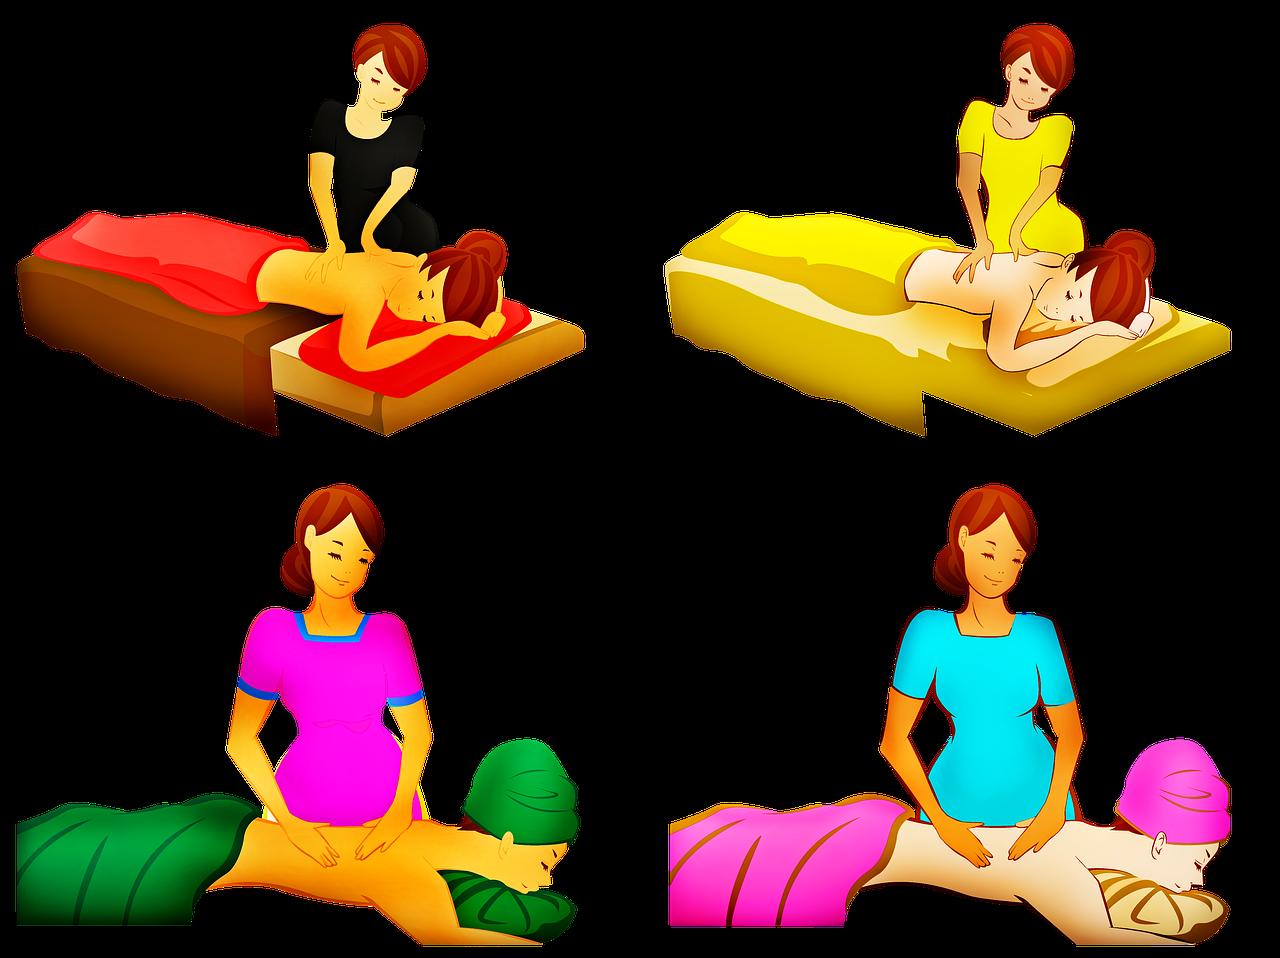 Grinsven Fysiotherapie & Osteopathie B W J van fysiotherapeut